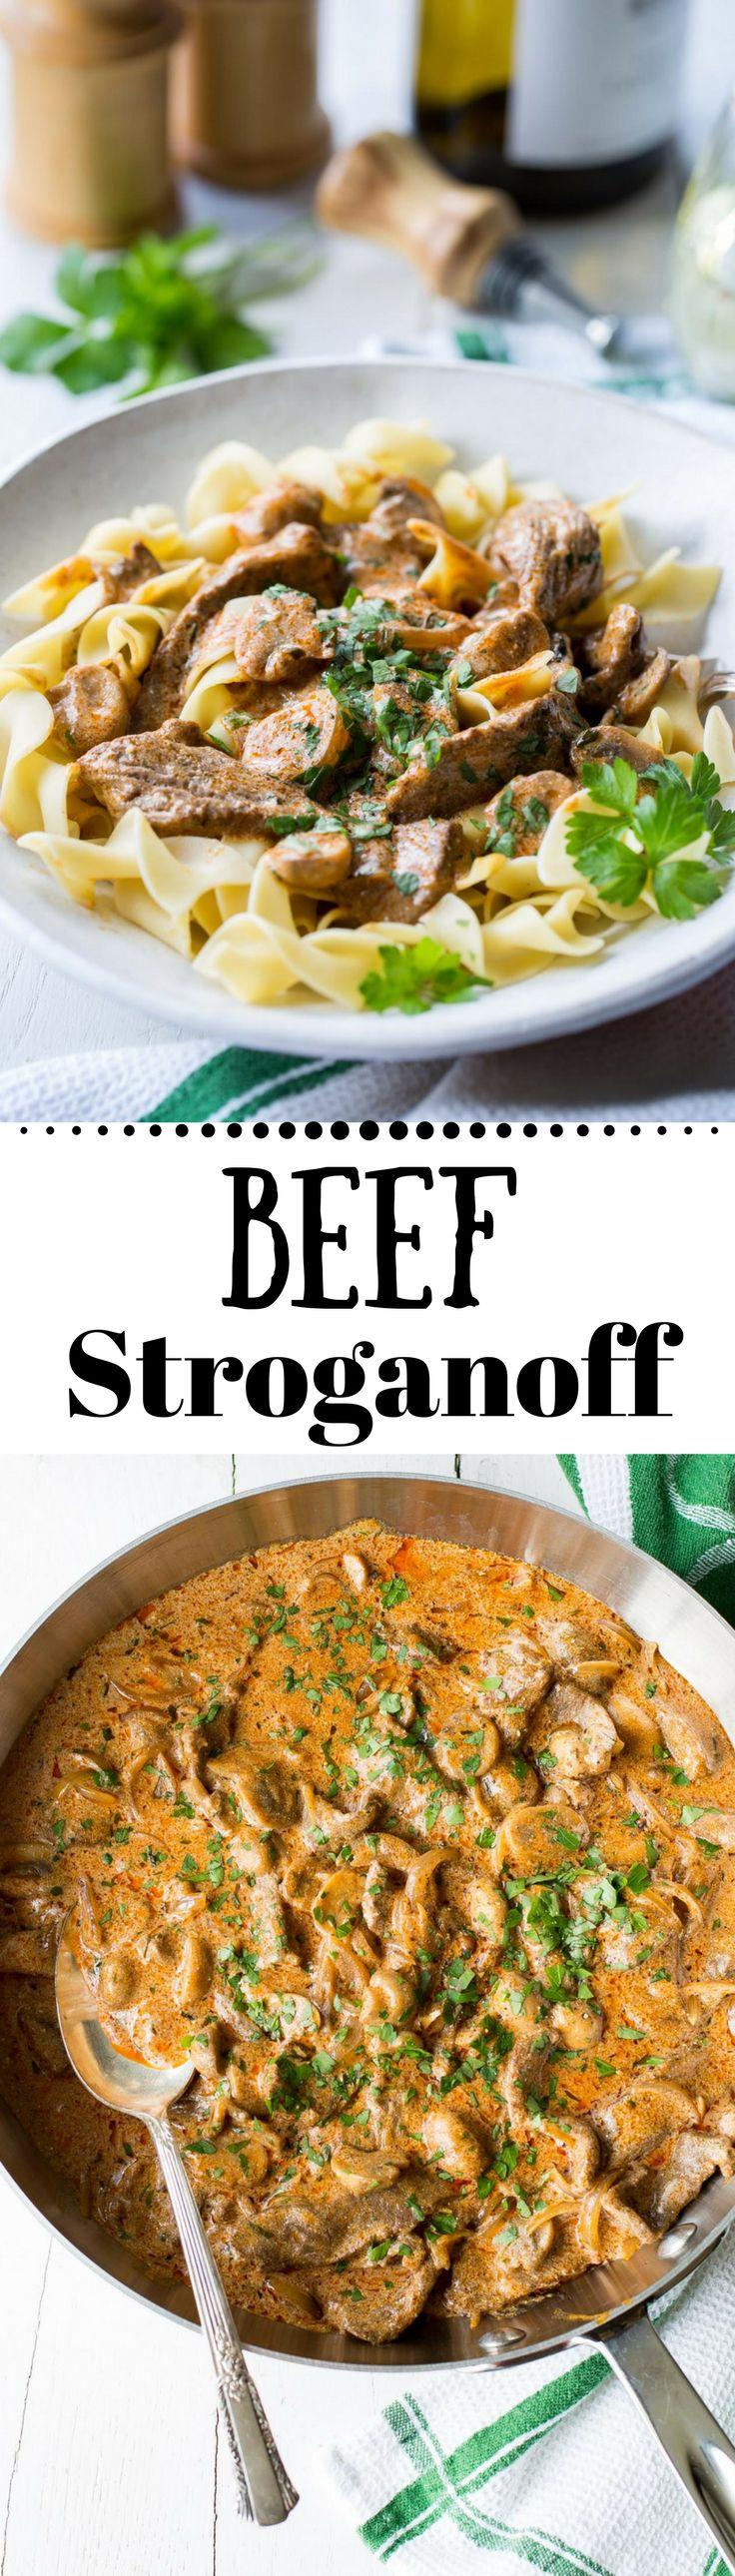 Slow Cooker: Beef Stroganoff